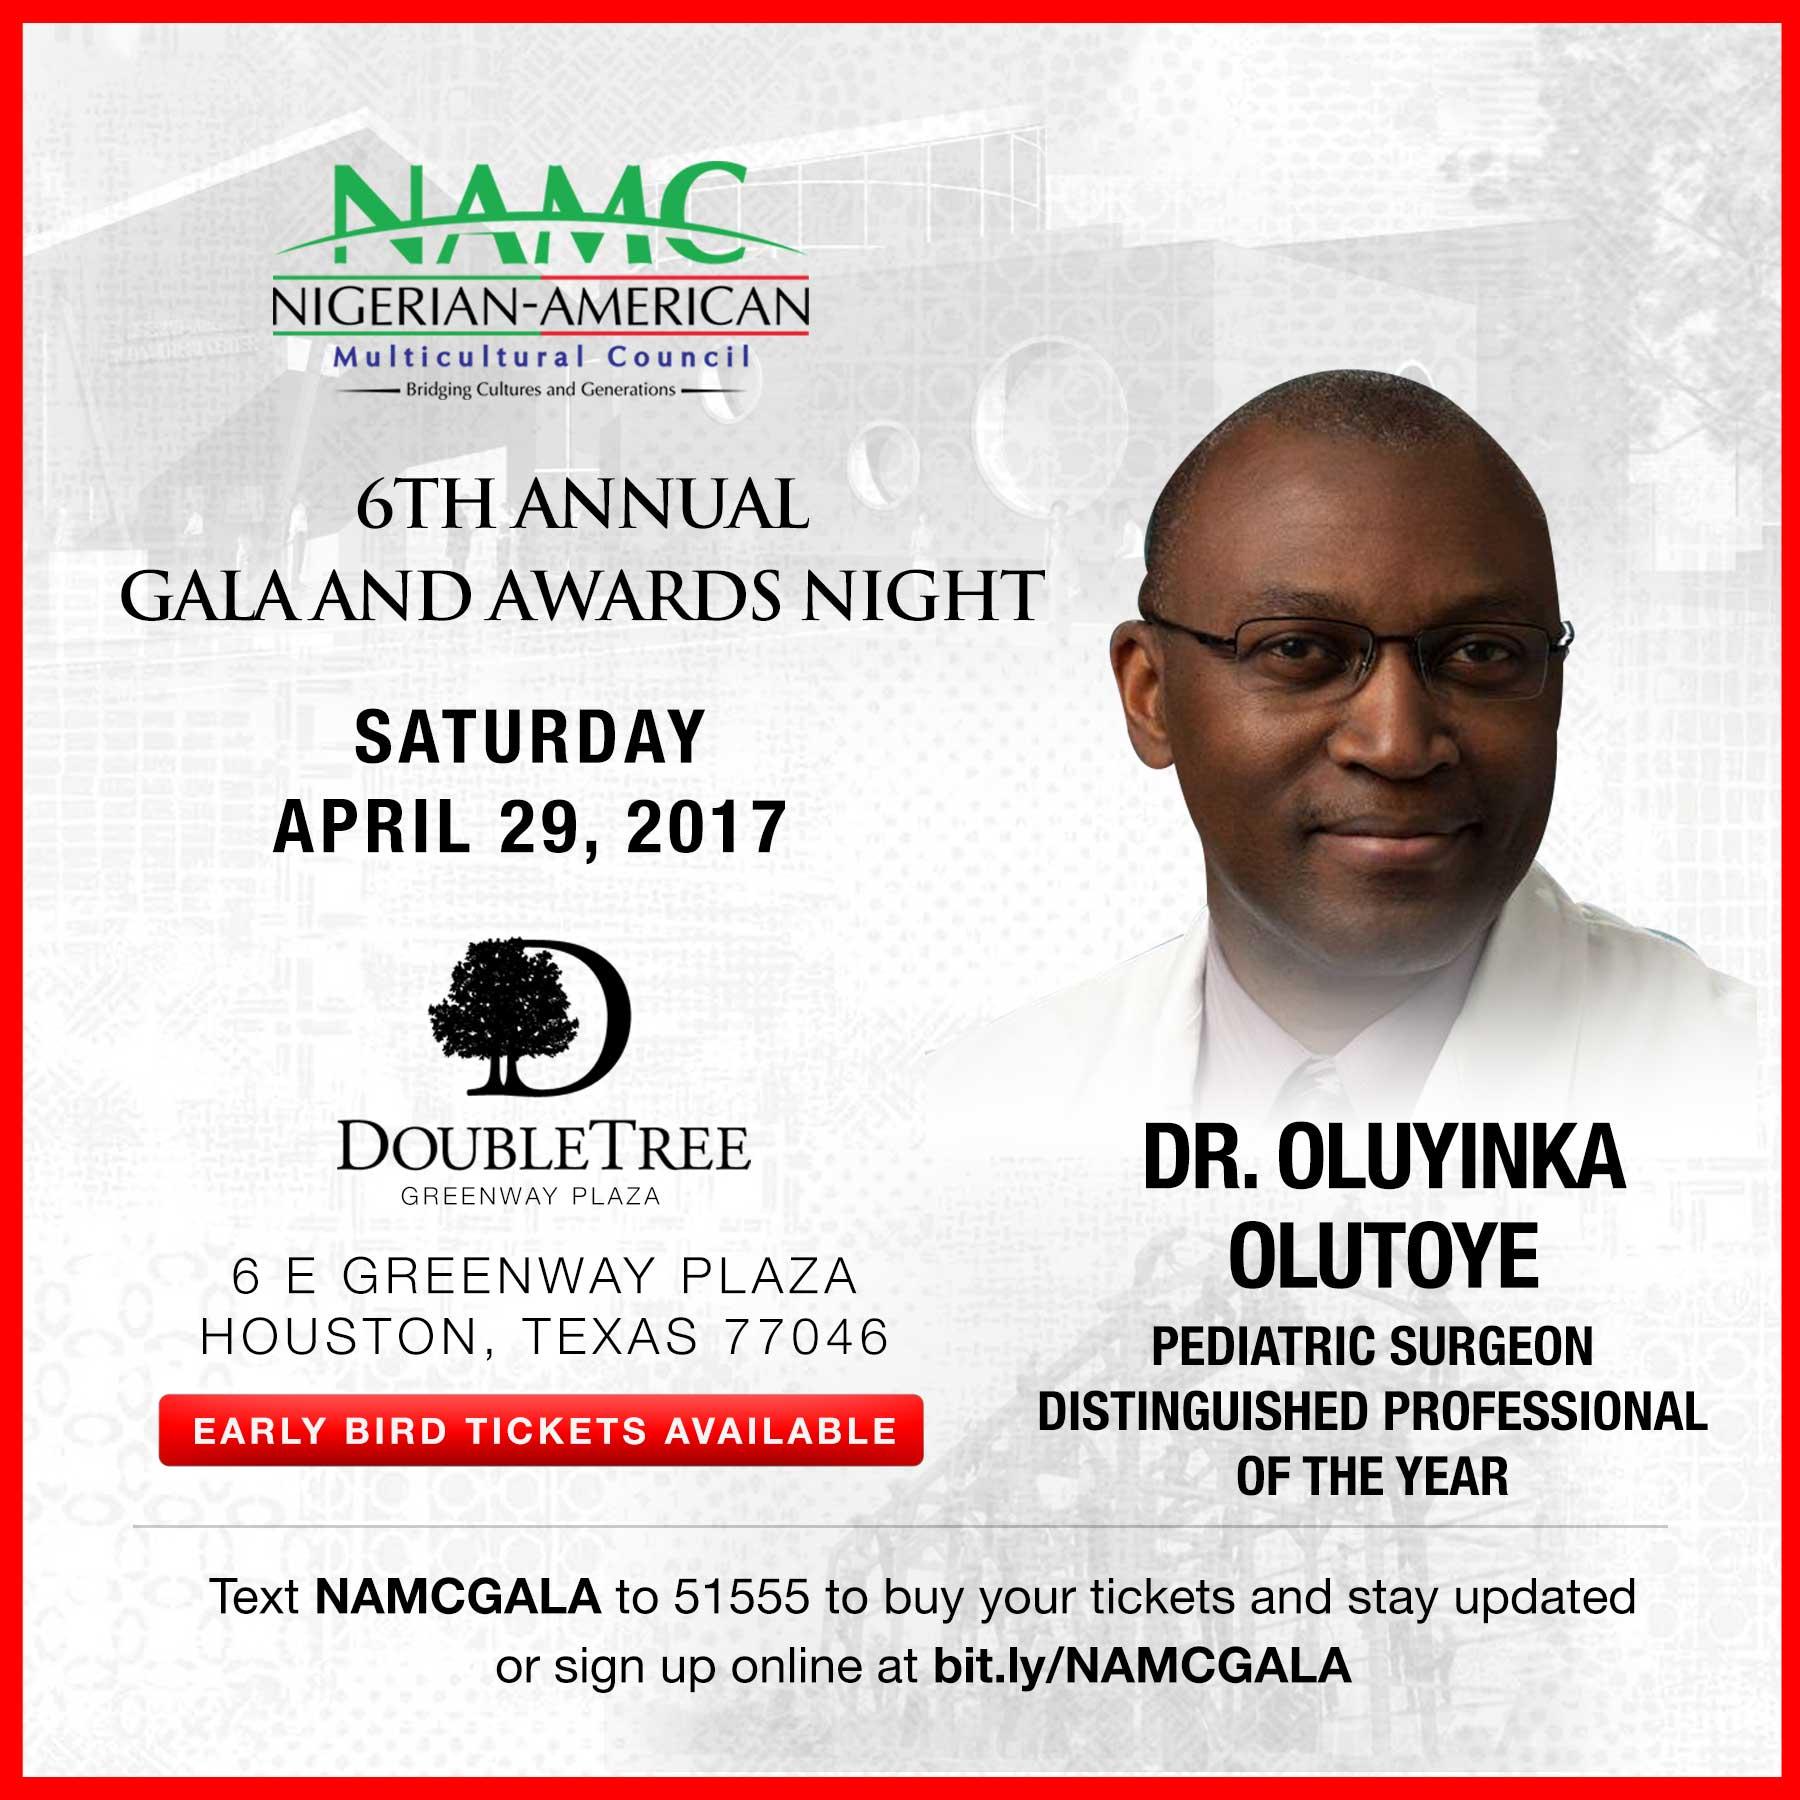 Dr. Olutoye